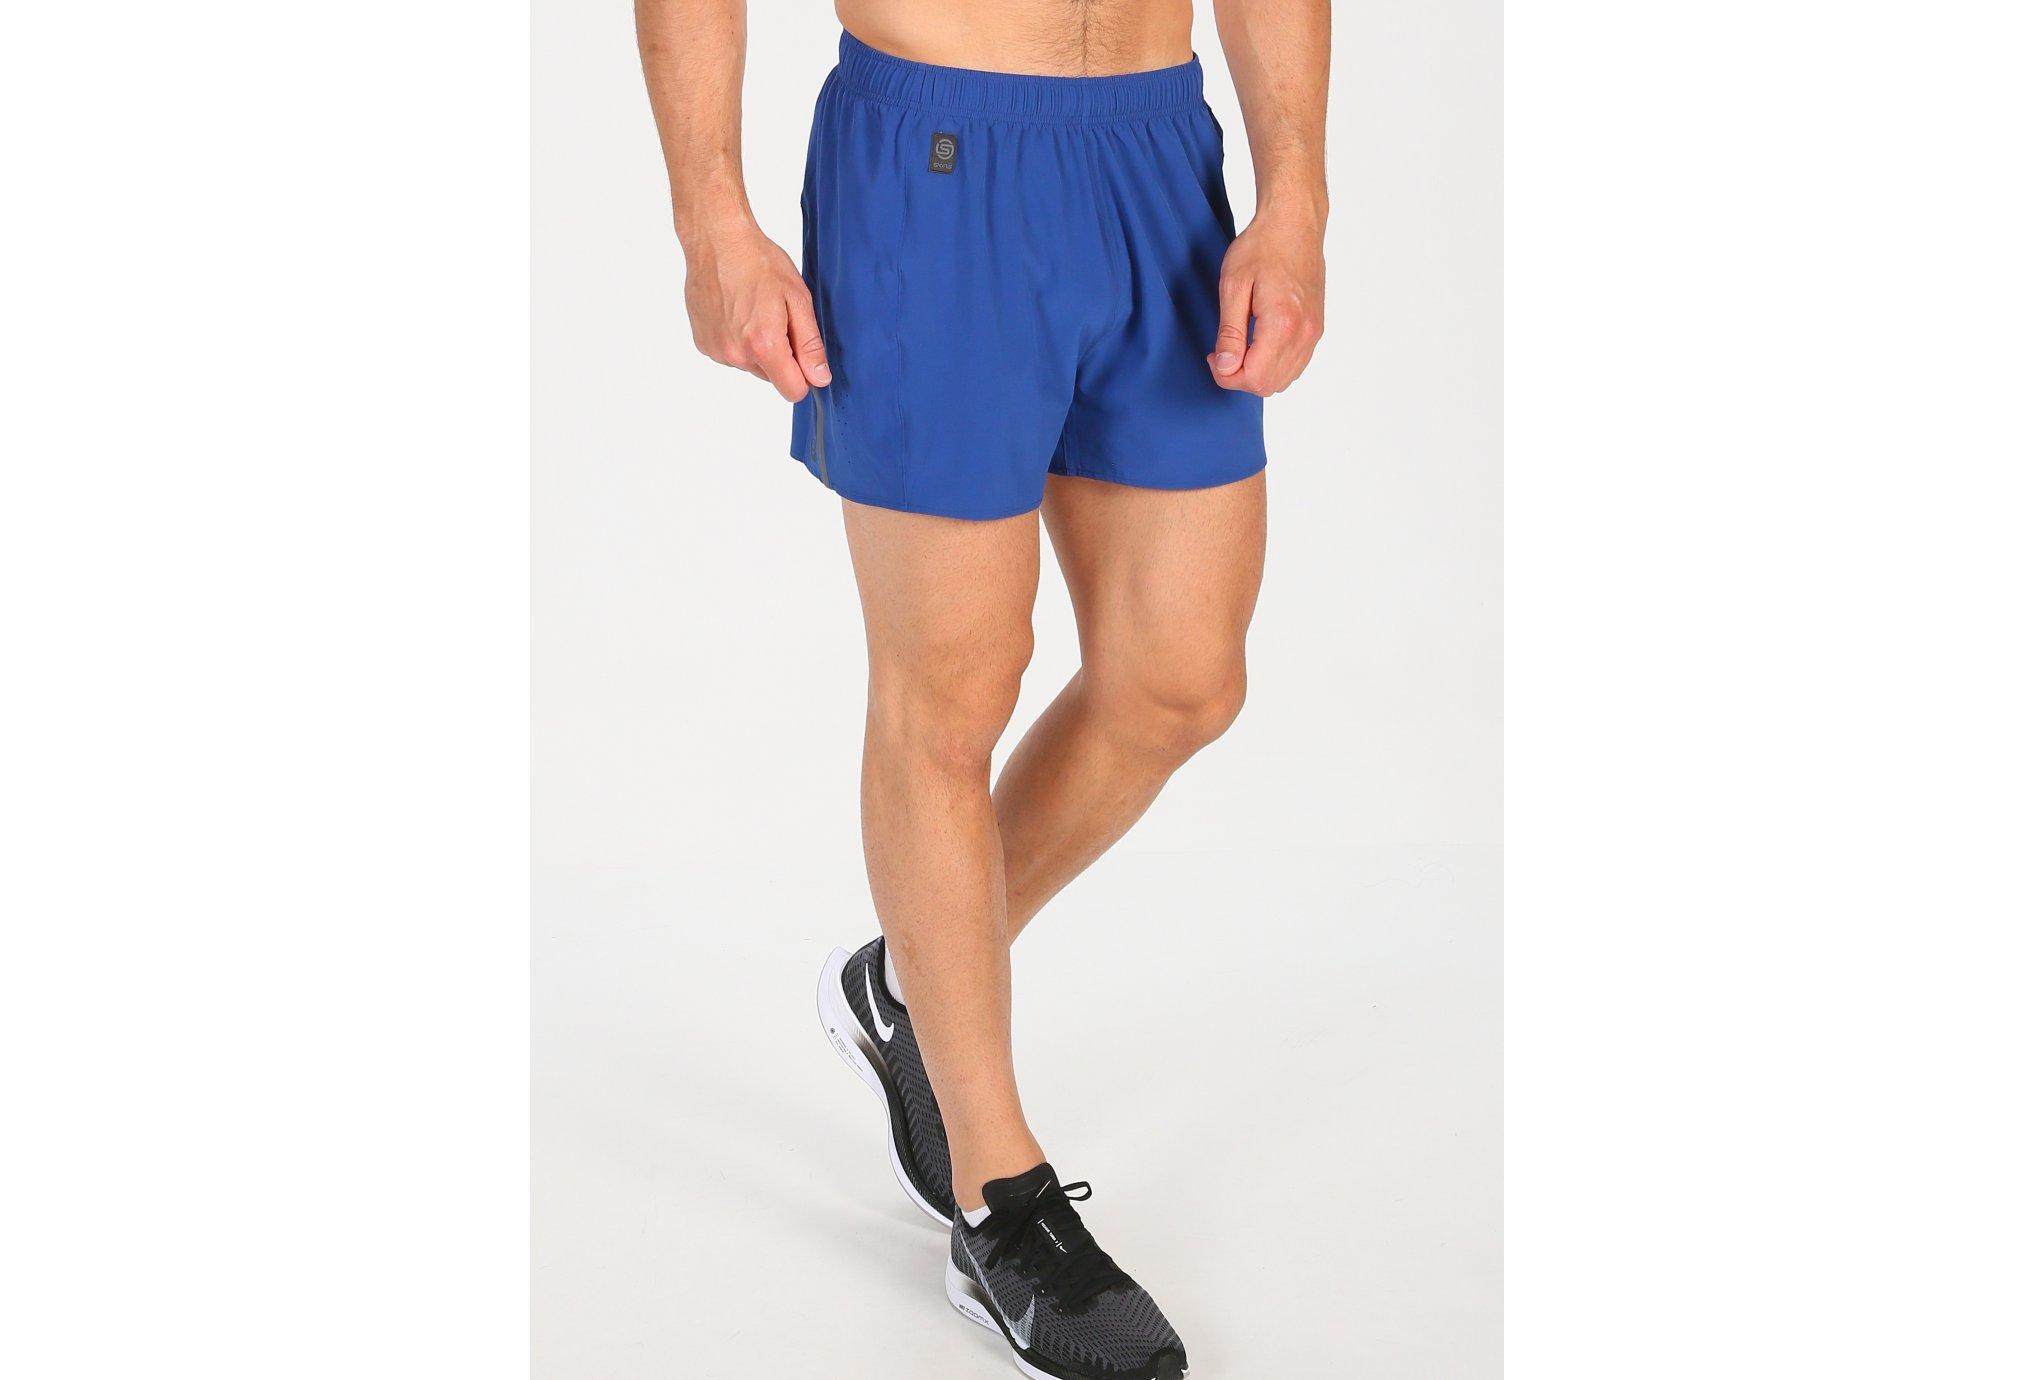 Skins Activewear Network M Diététique Vêtements homme